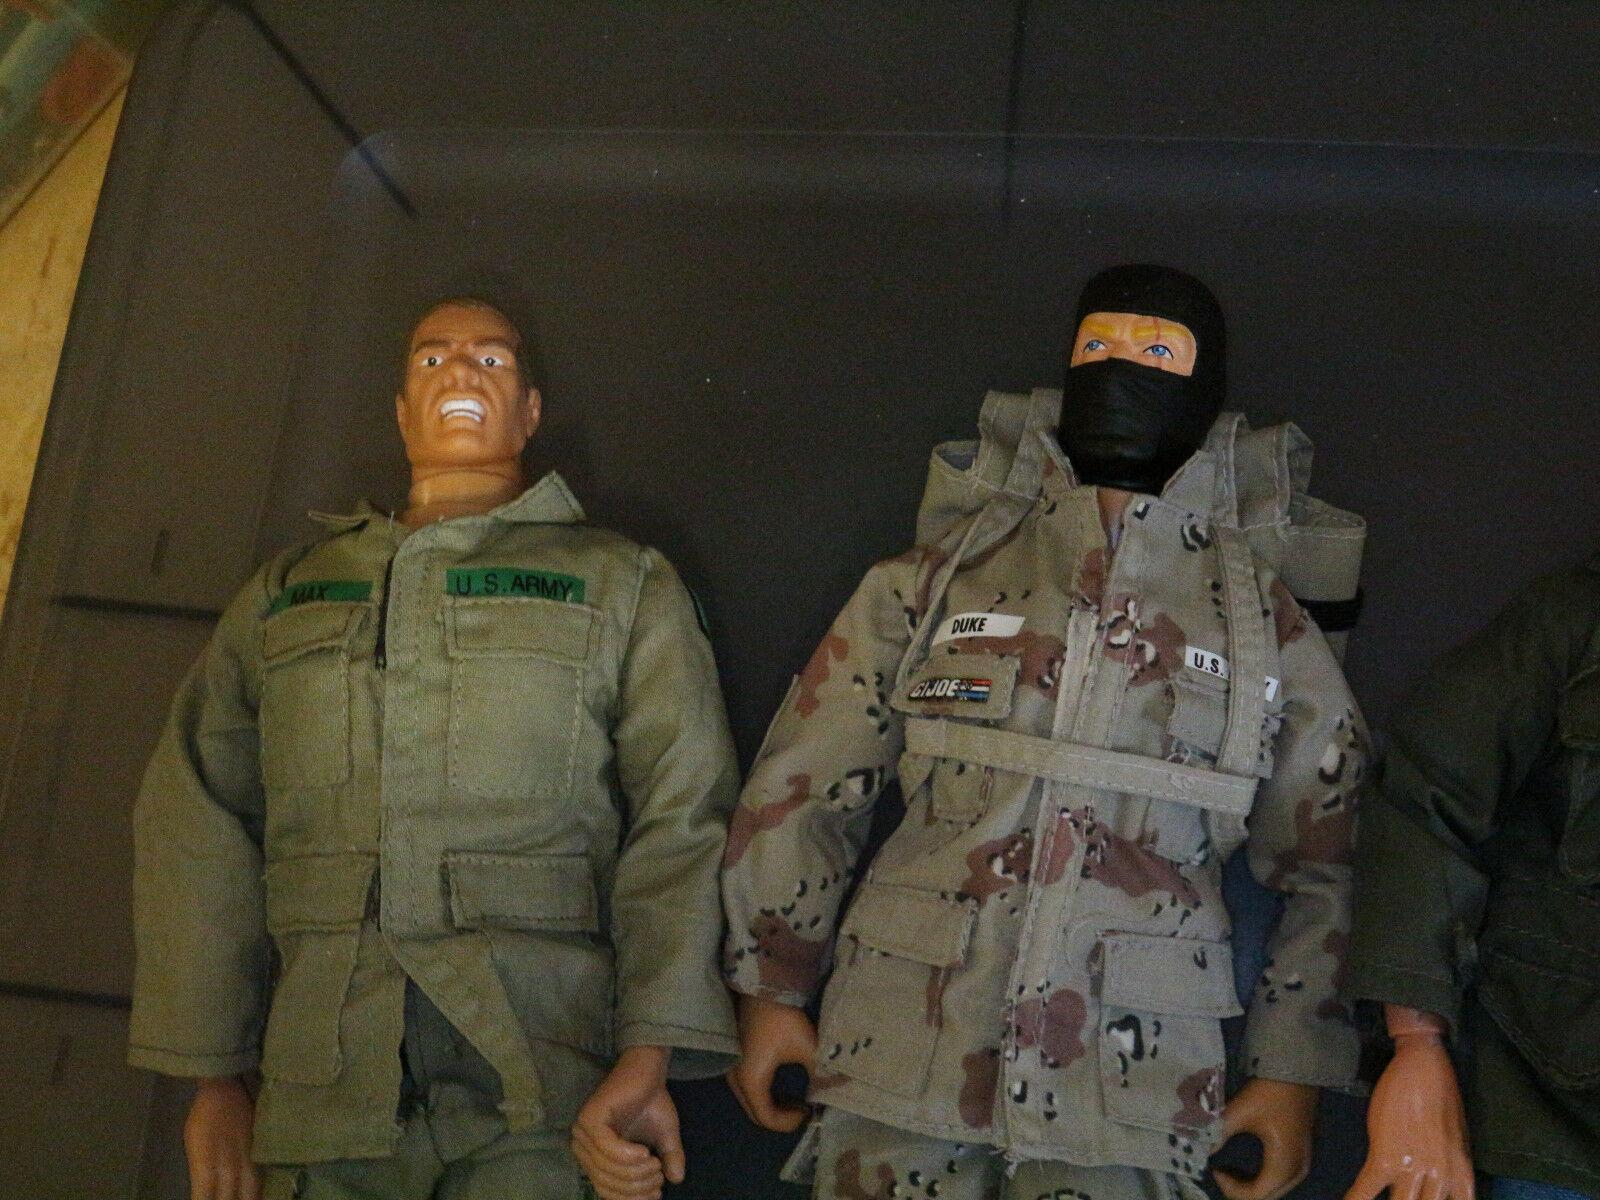 G.I. Joe Hall of Fame Real Ultimate Soldier  21st Century Toys lot nine figures  commandez maintenant profitez de gros rabais